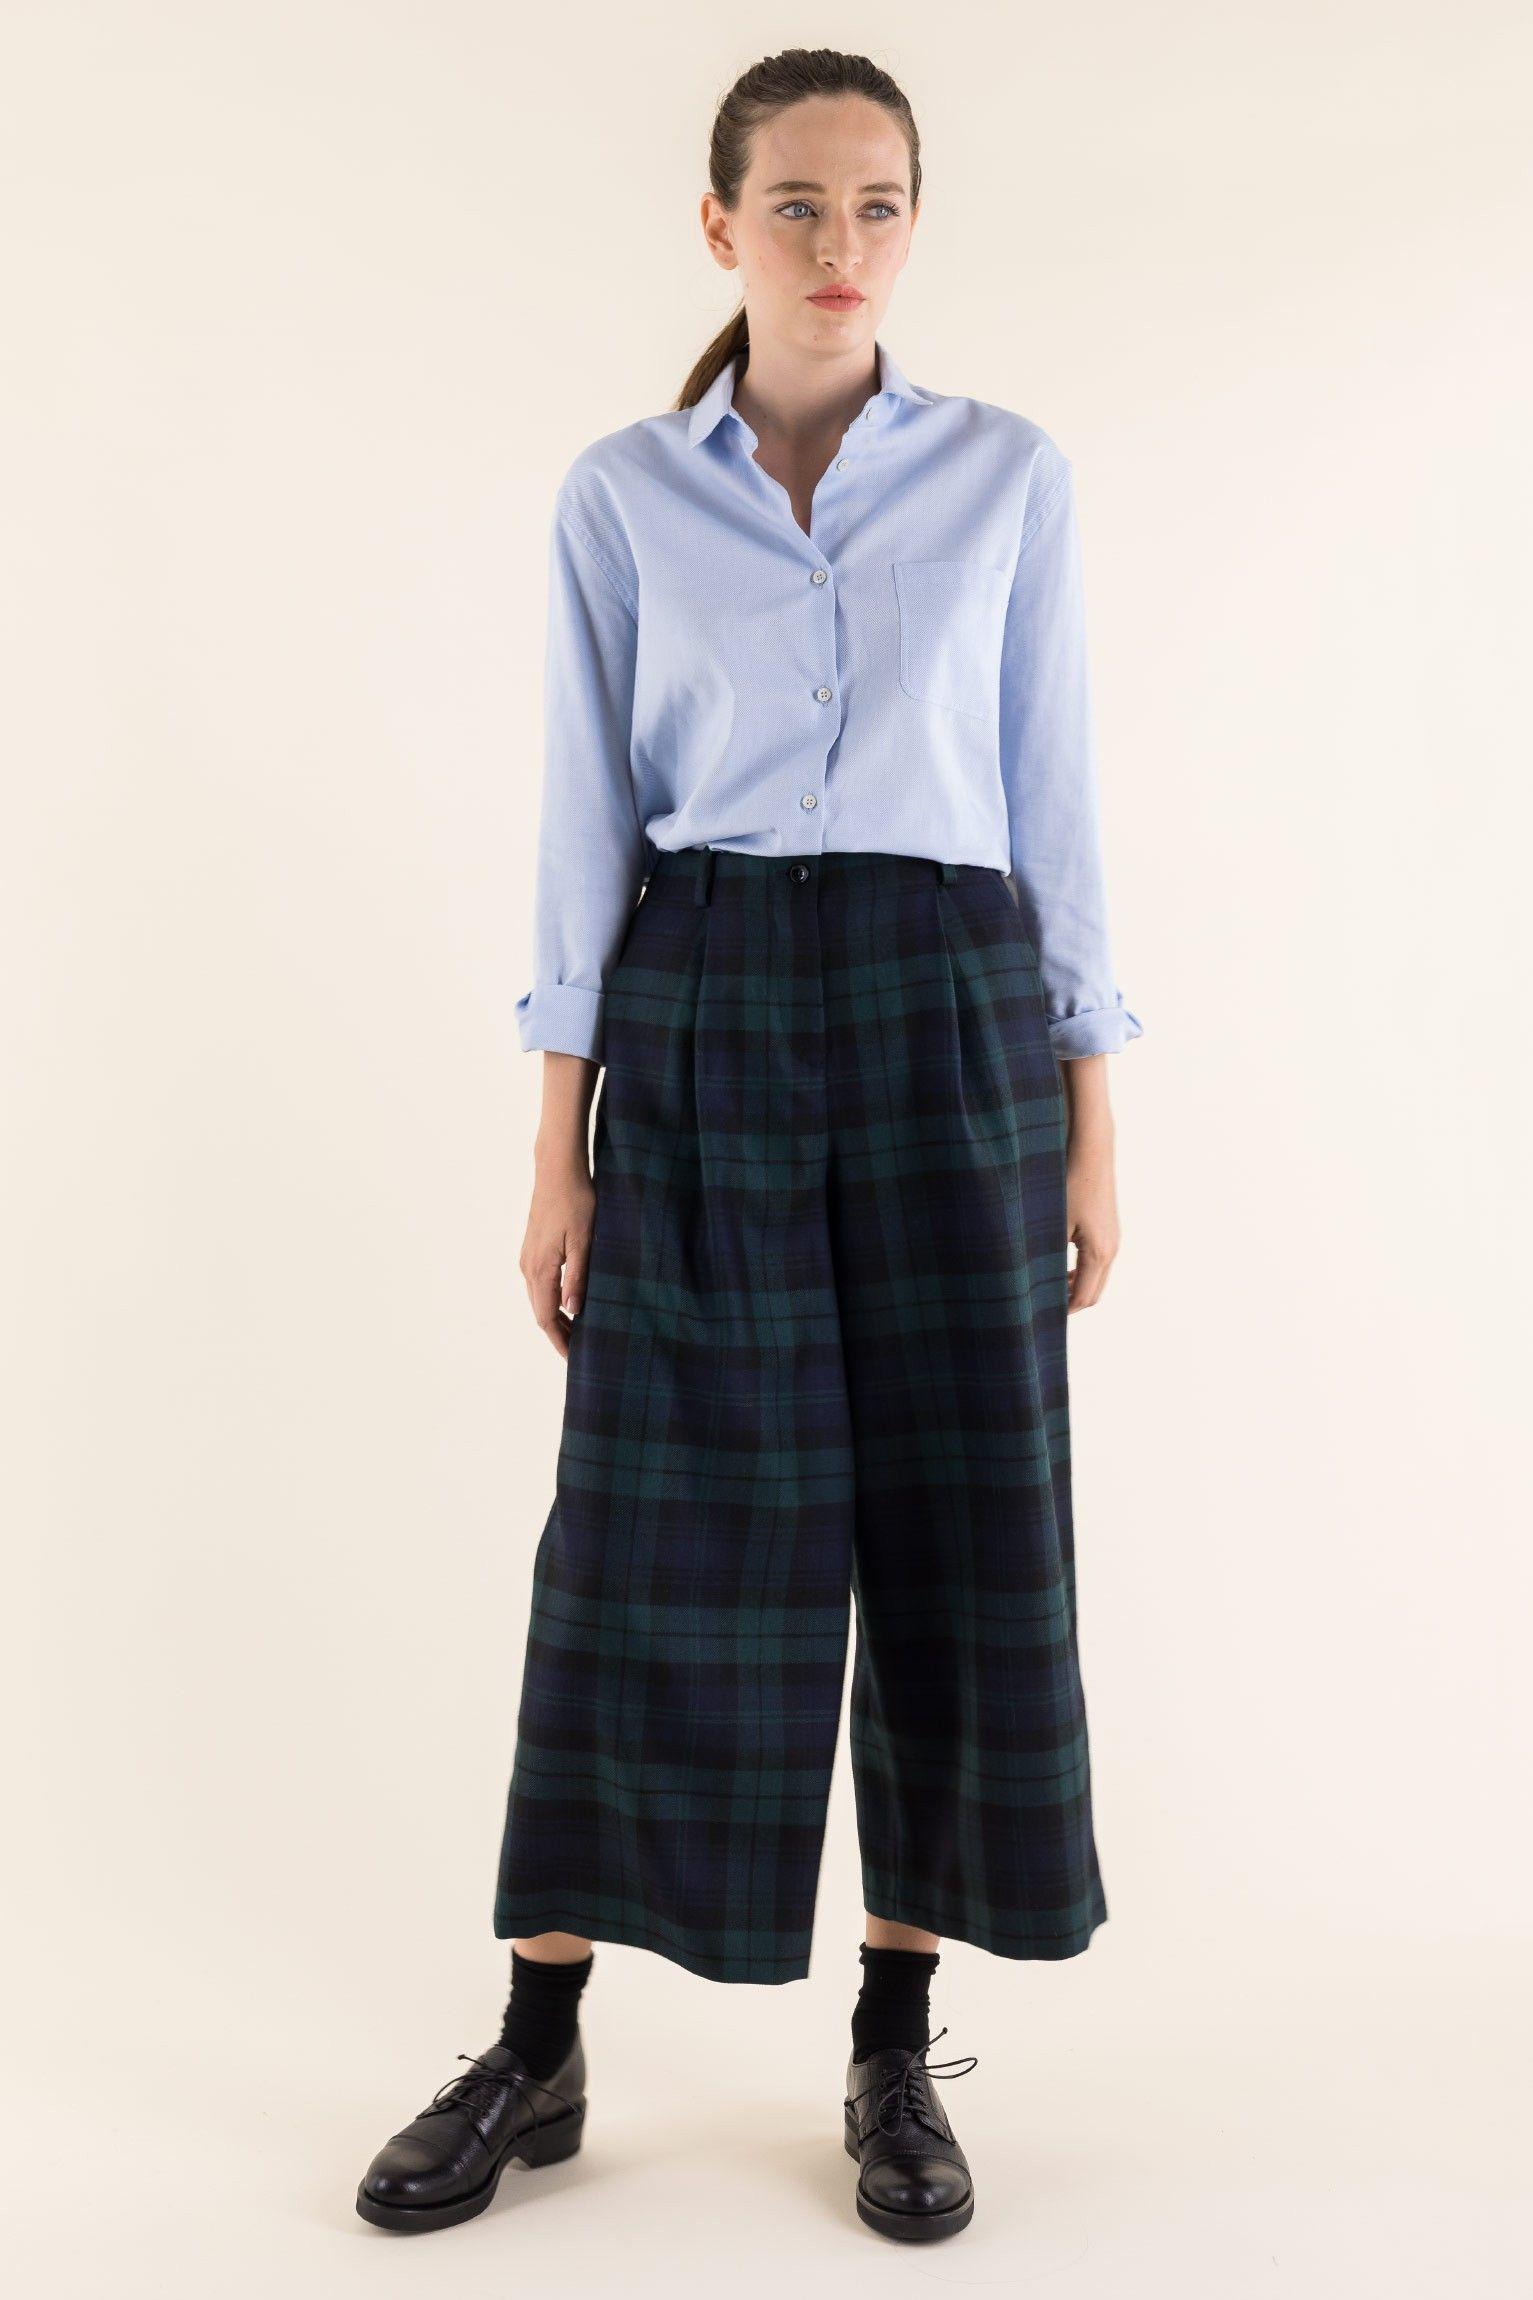 84662b3161ab Autunno Inverno 2018 2019 Pantalone culotte con piega in lana Pantalone  culotte con piega in lana